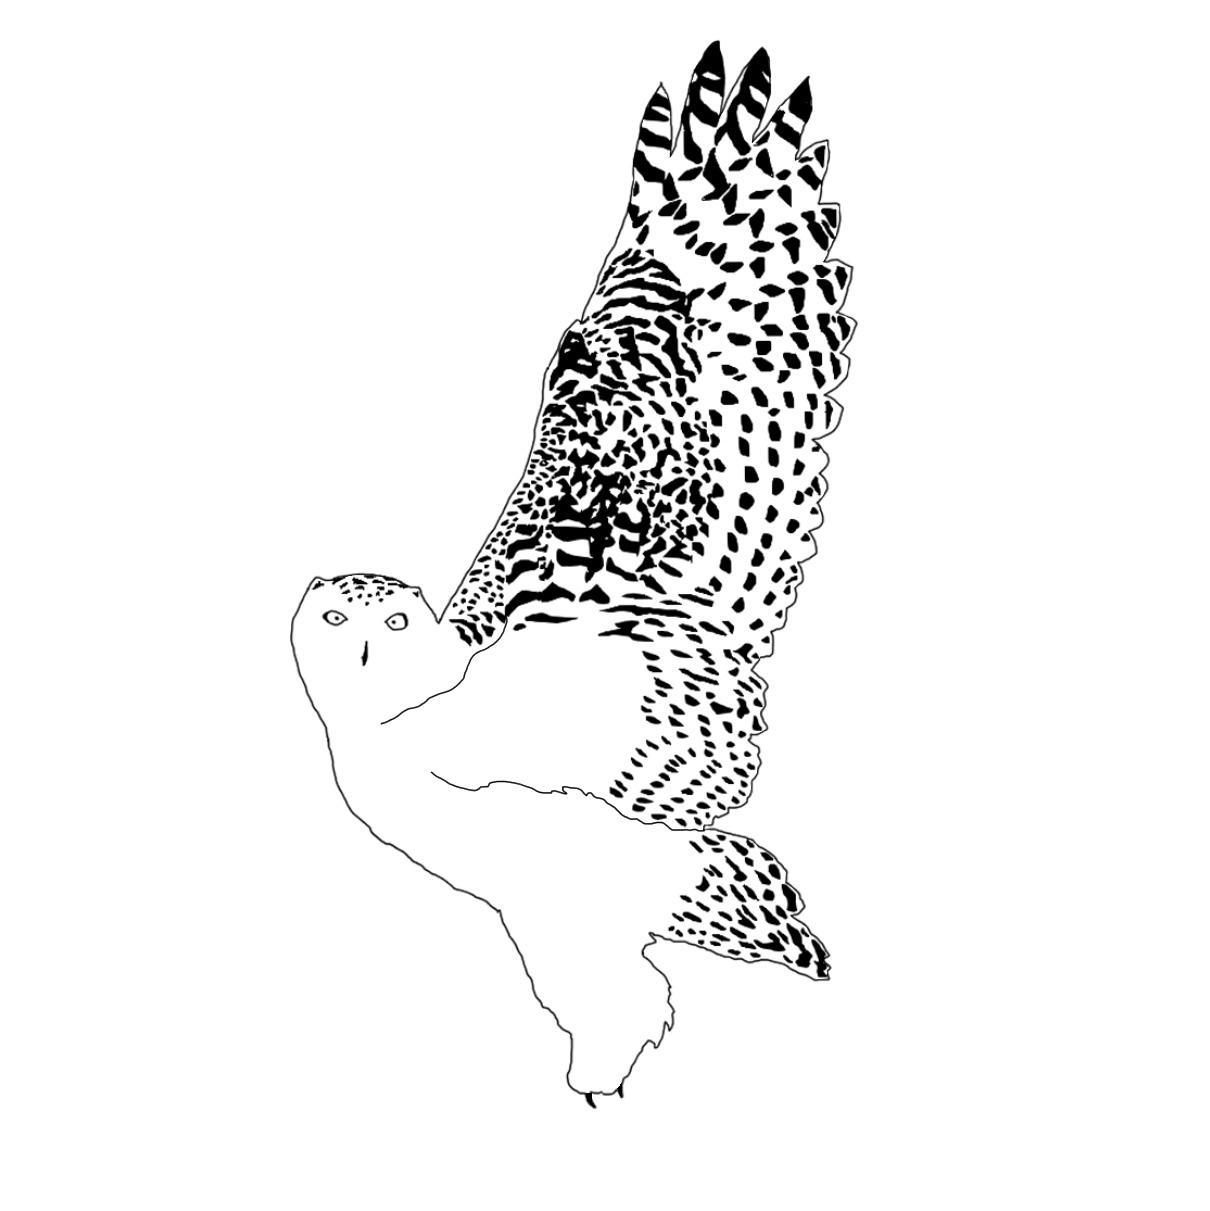 スタイリッシュな動物の白黒イラスト描きます ペットのイラストや動物の挿絵などが欲しい方に